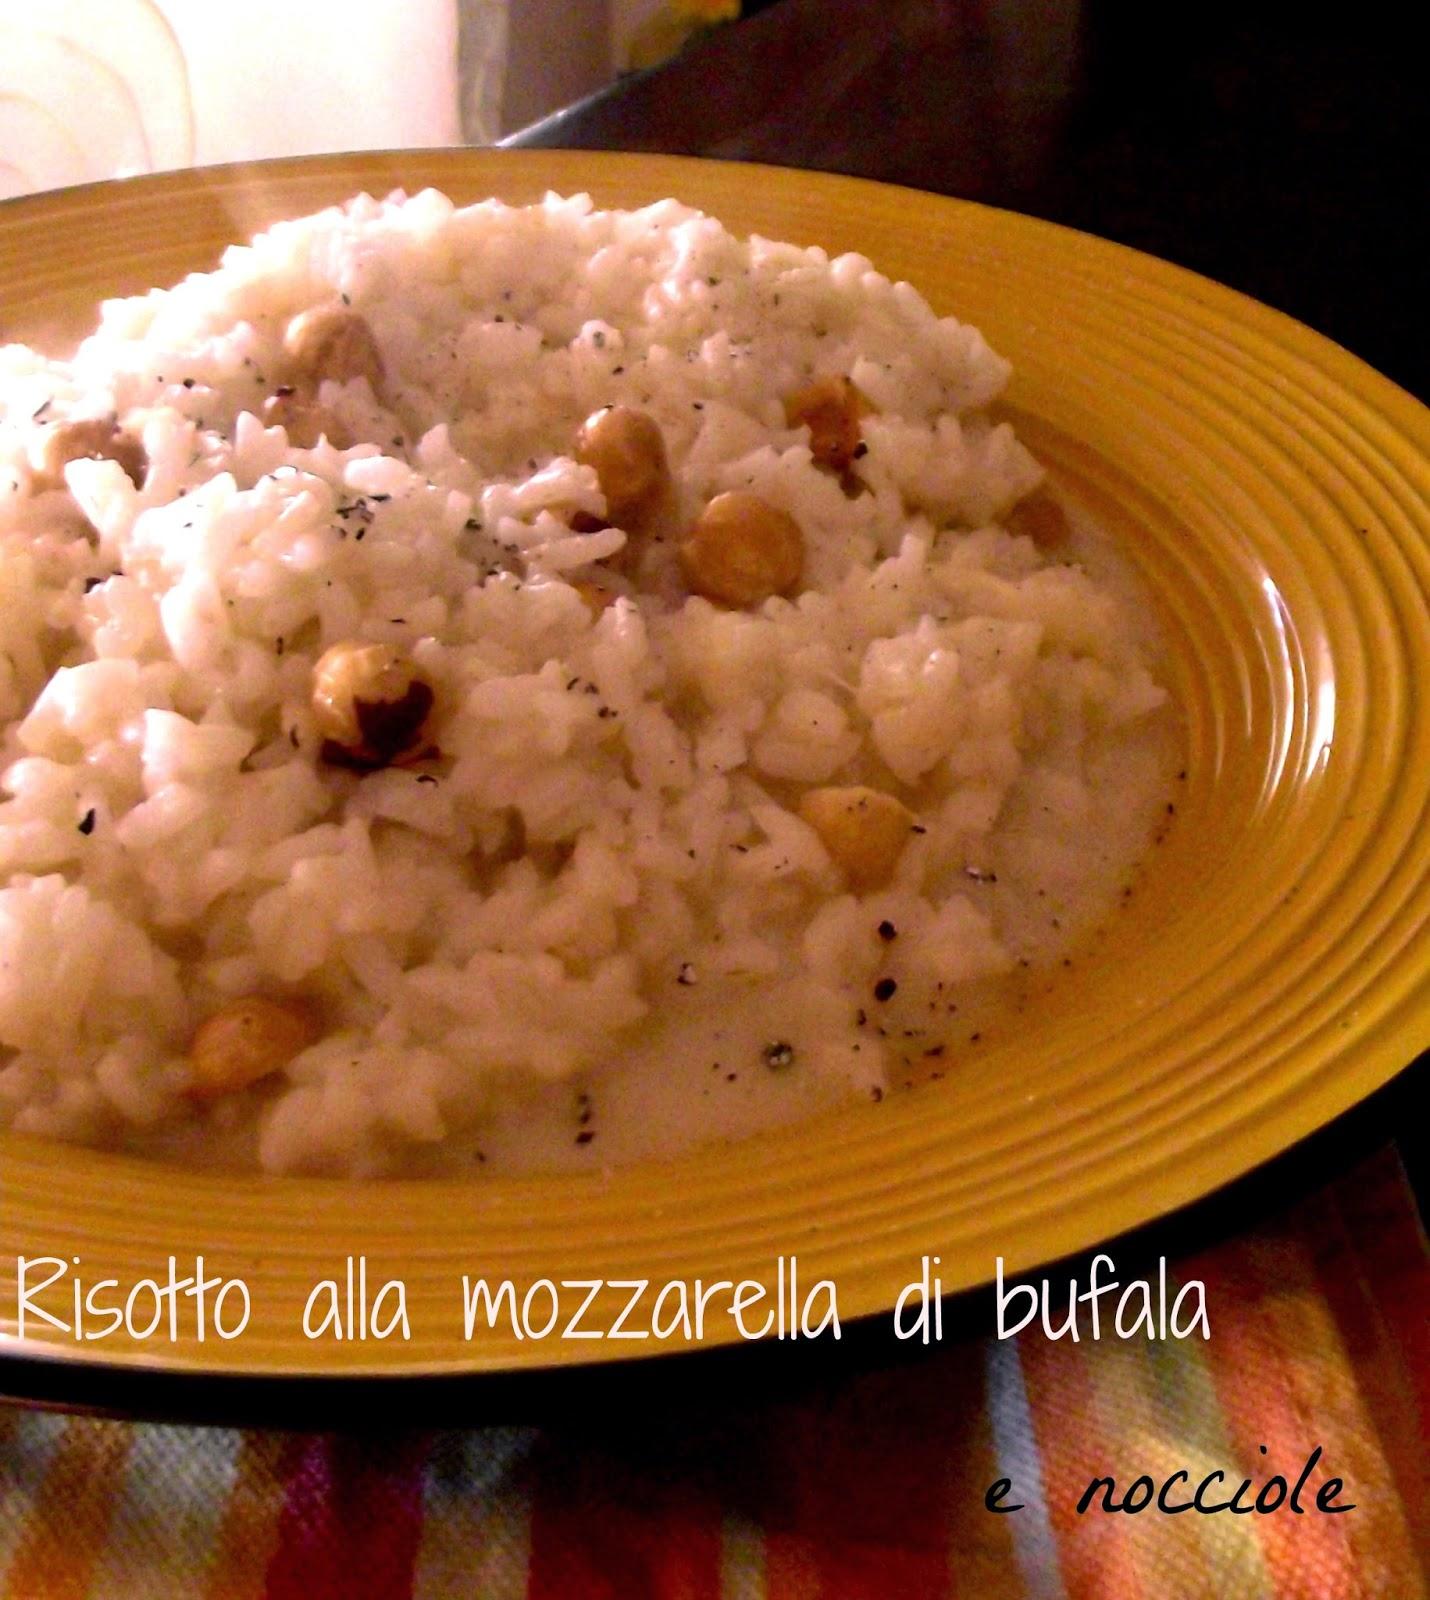 il risotto alla mozzarella di bufale e nocciole e la lacrima sul risotto